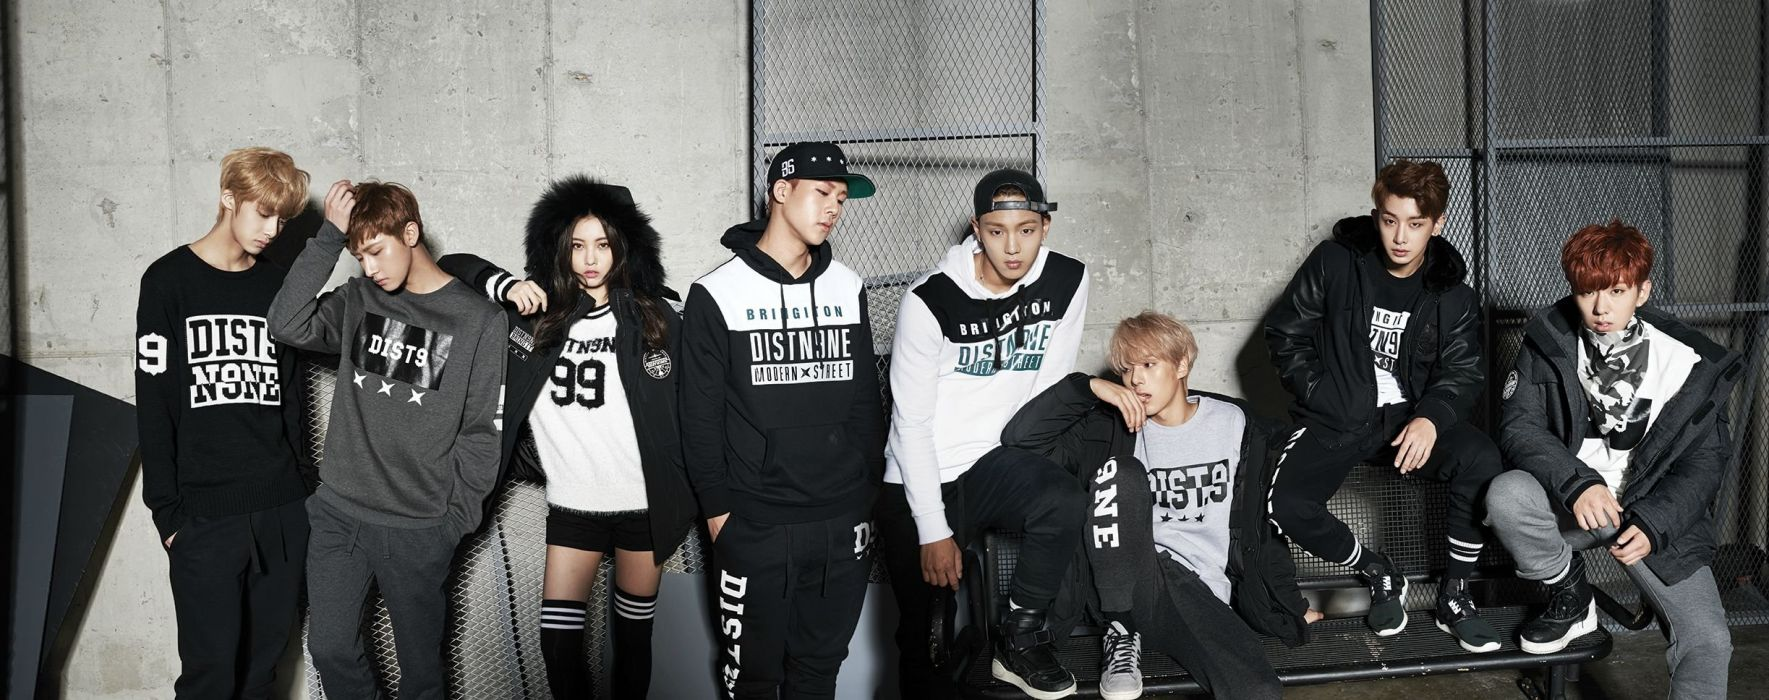 Monsta x Kpop wallpaper